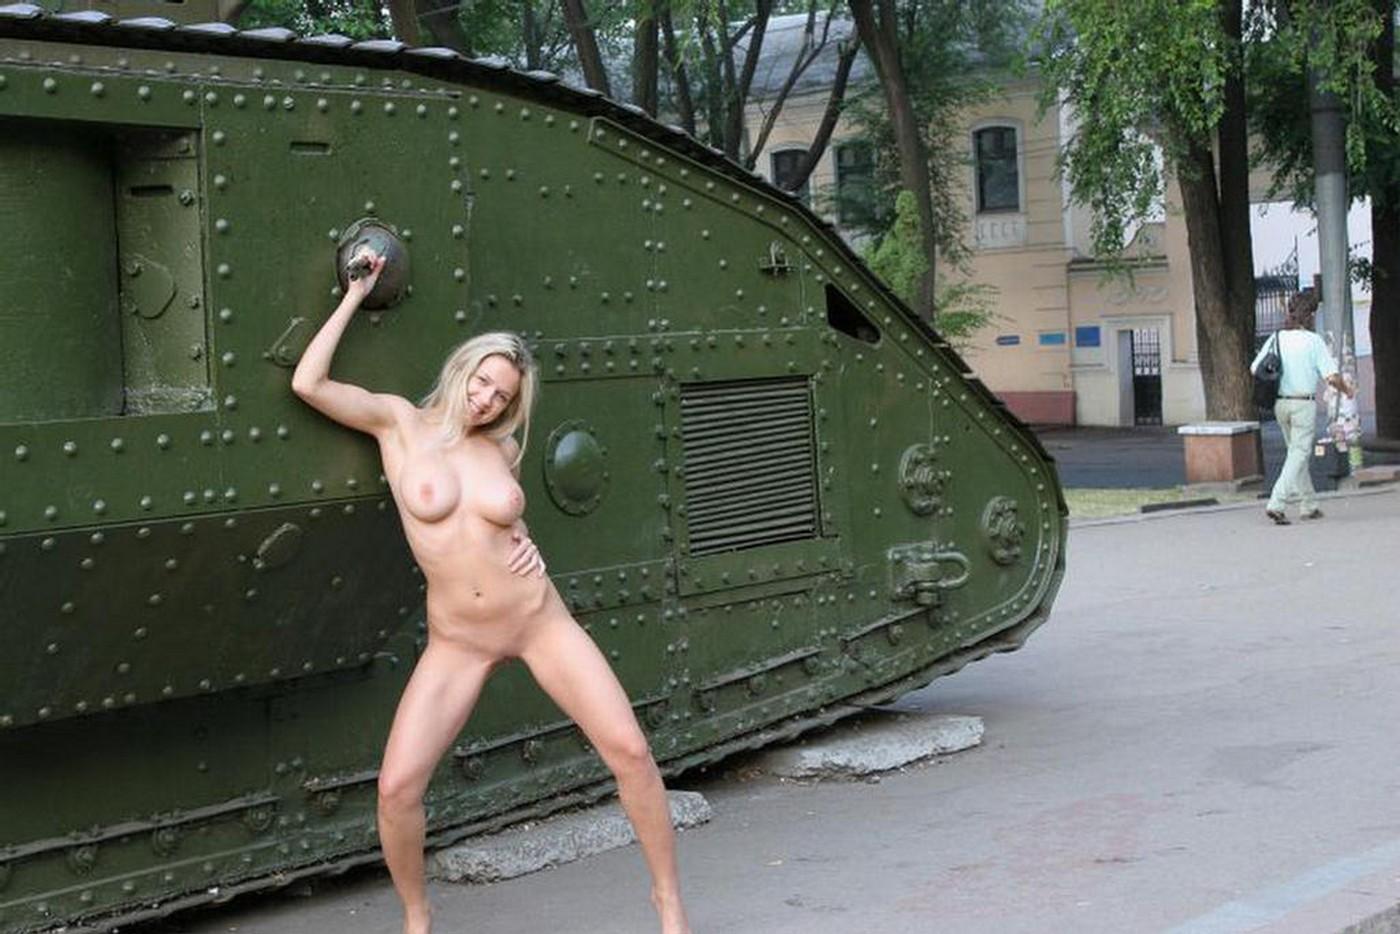 Прохожие смотрят секс на улице 19 фотография